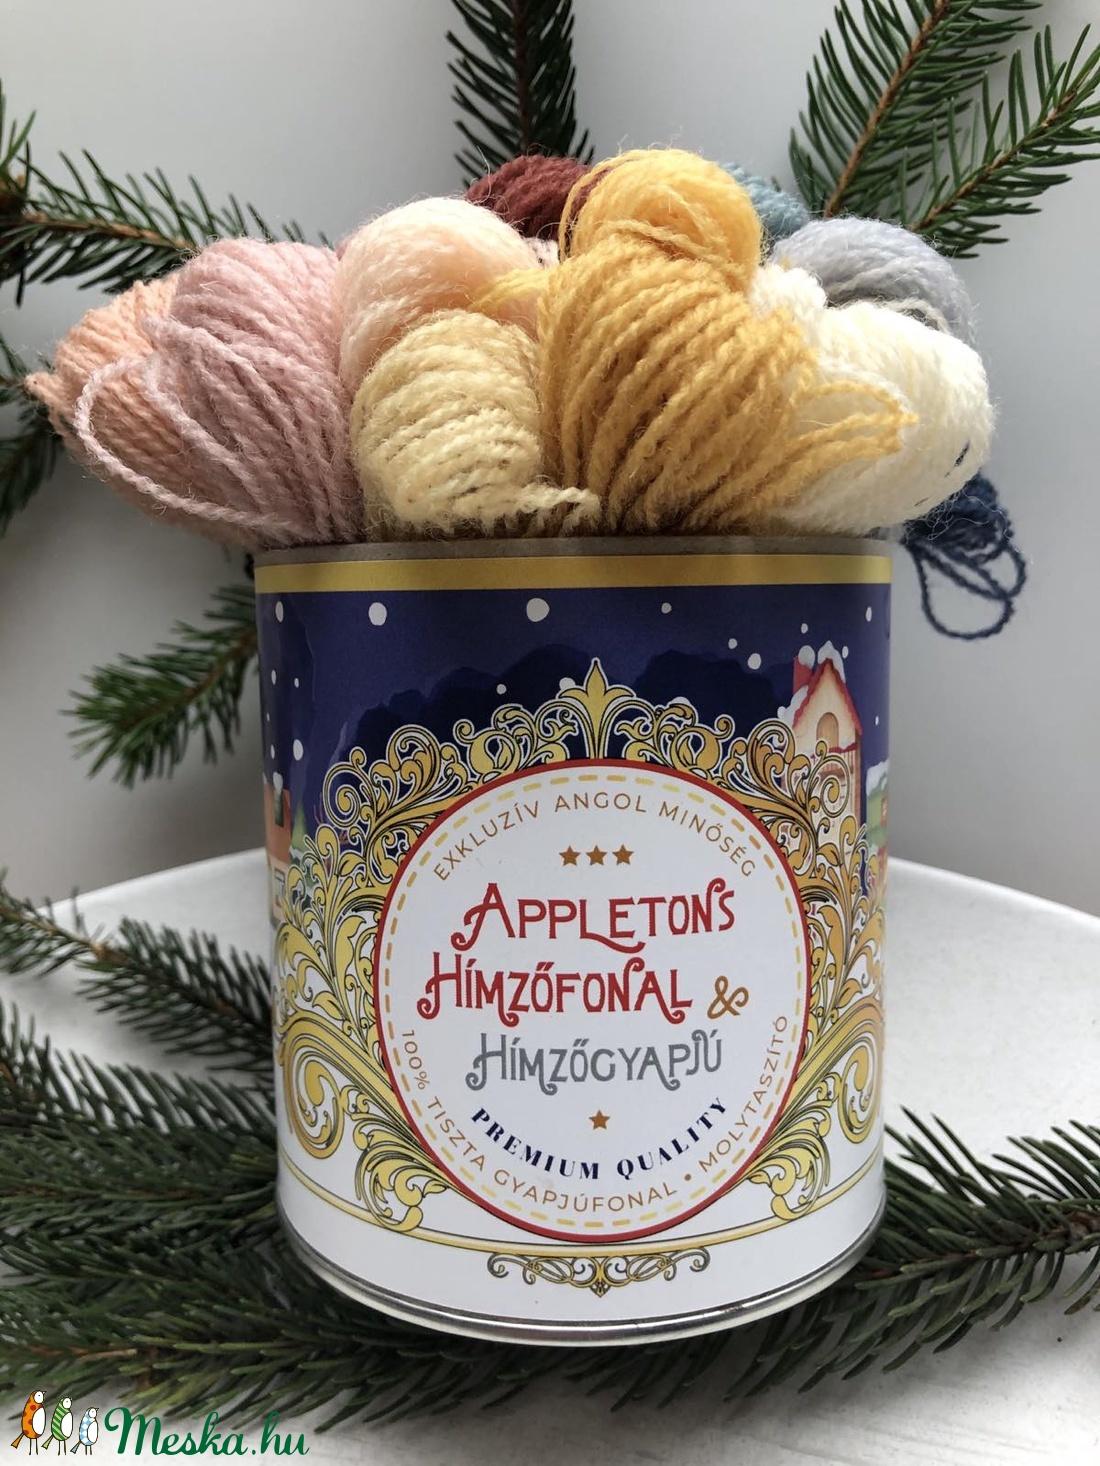 Karácsonyi  angol minőségi gyapjú hímzőfonalak (Appletons) - exkluzív csomagolásban - otthon & lakás - lakástextil - varrókellék - Meska.hu